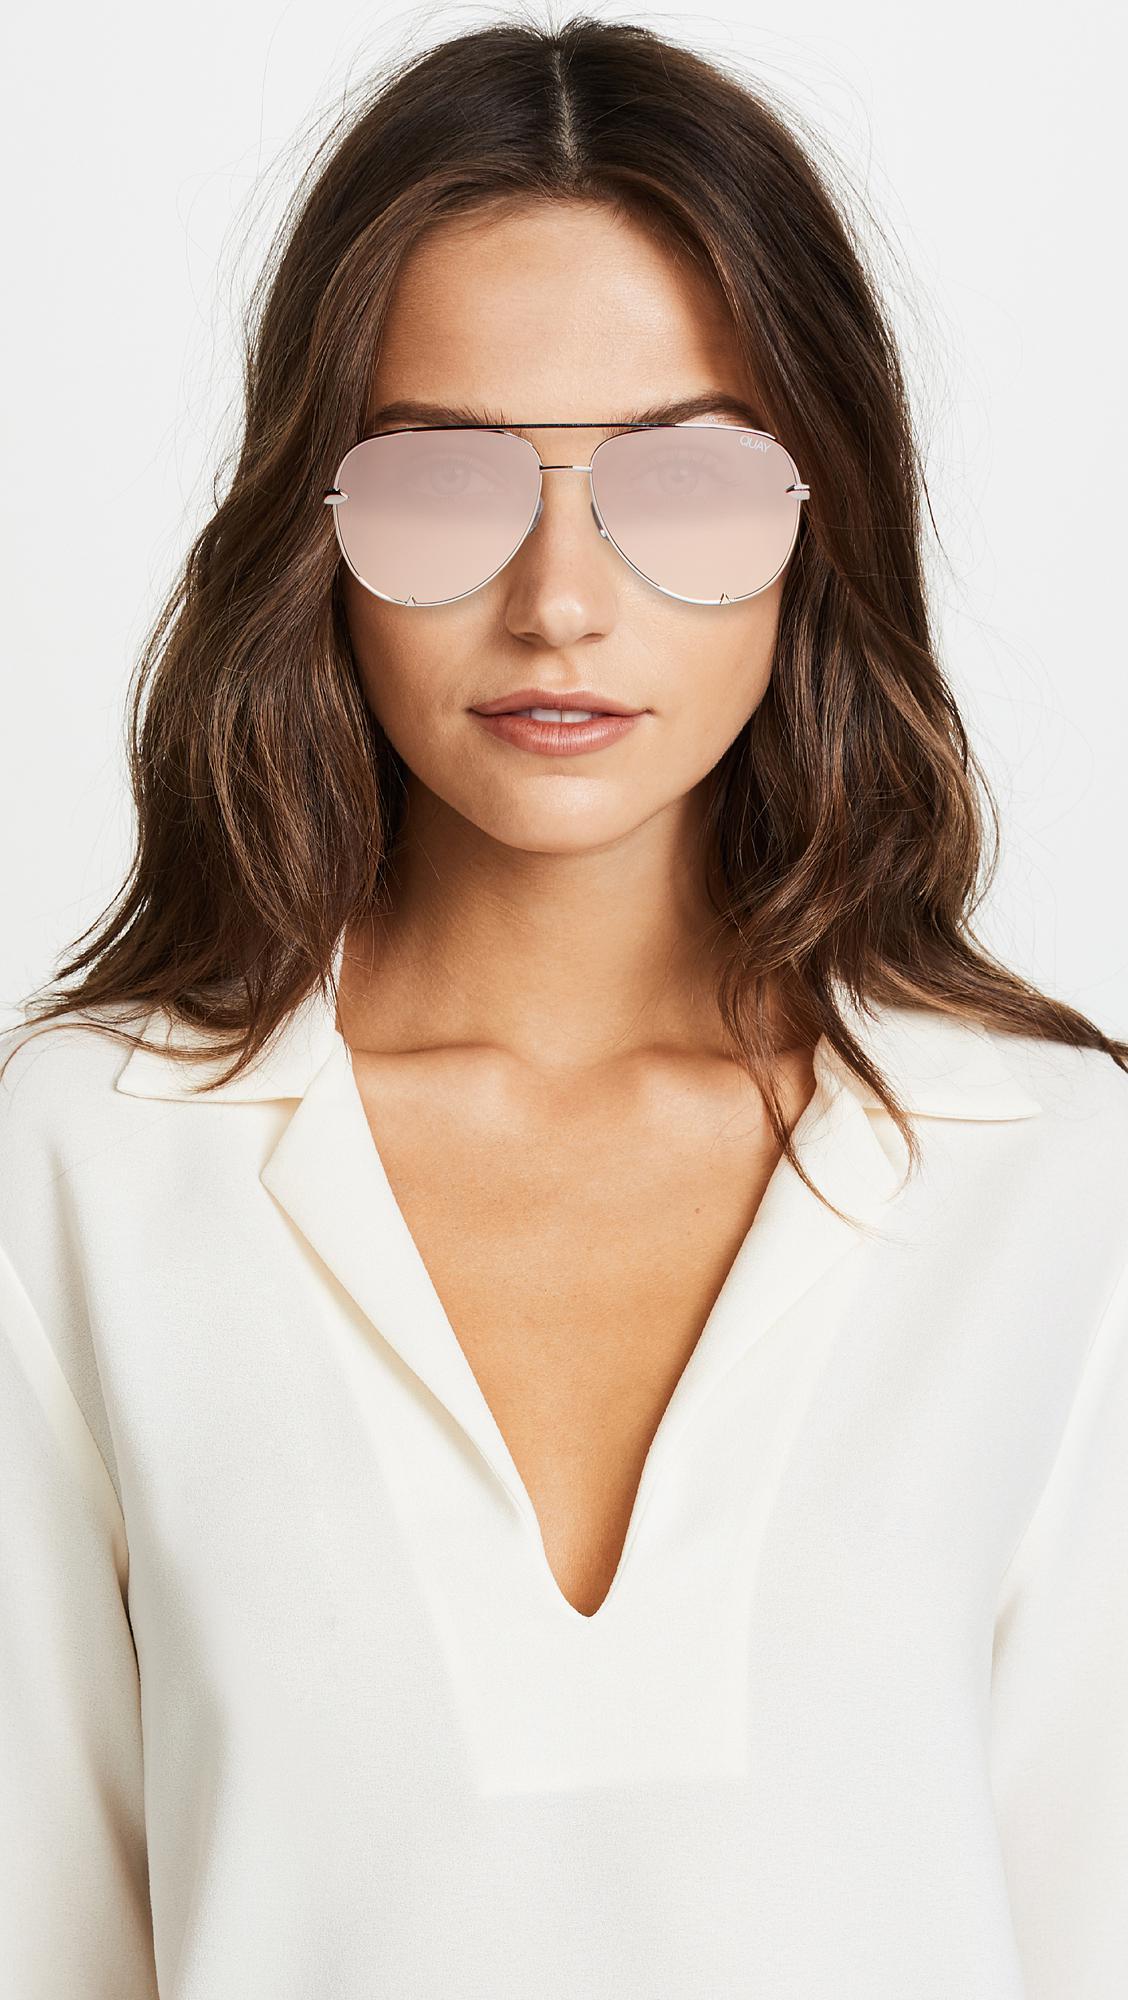 fd5db5fa73 Lyst - Quay X Desi Perkins High Key Mini Sunglasses in Metallic